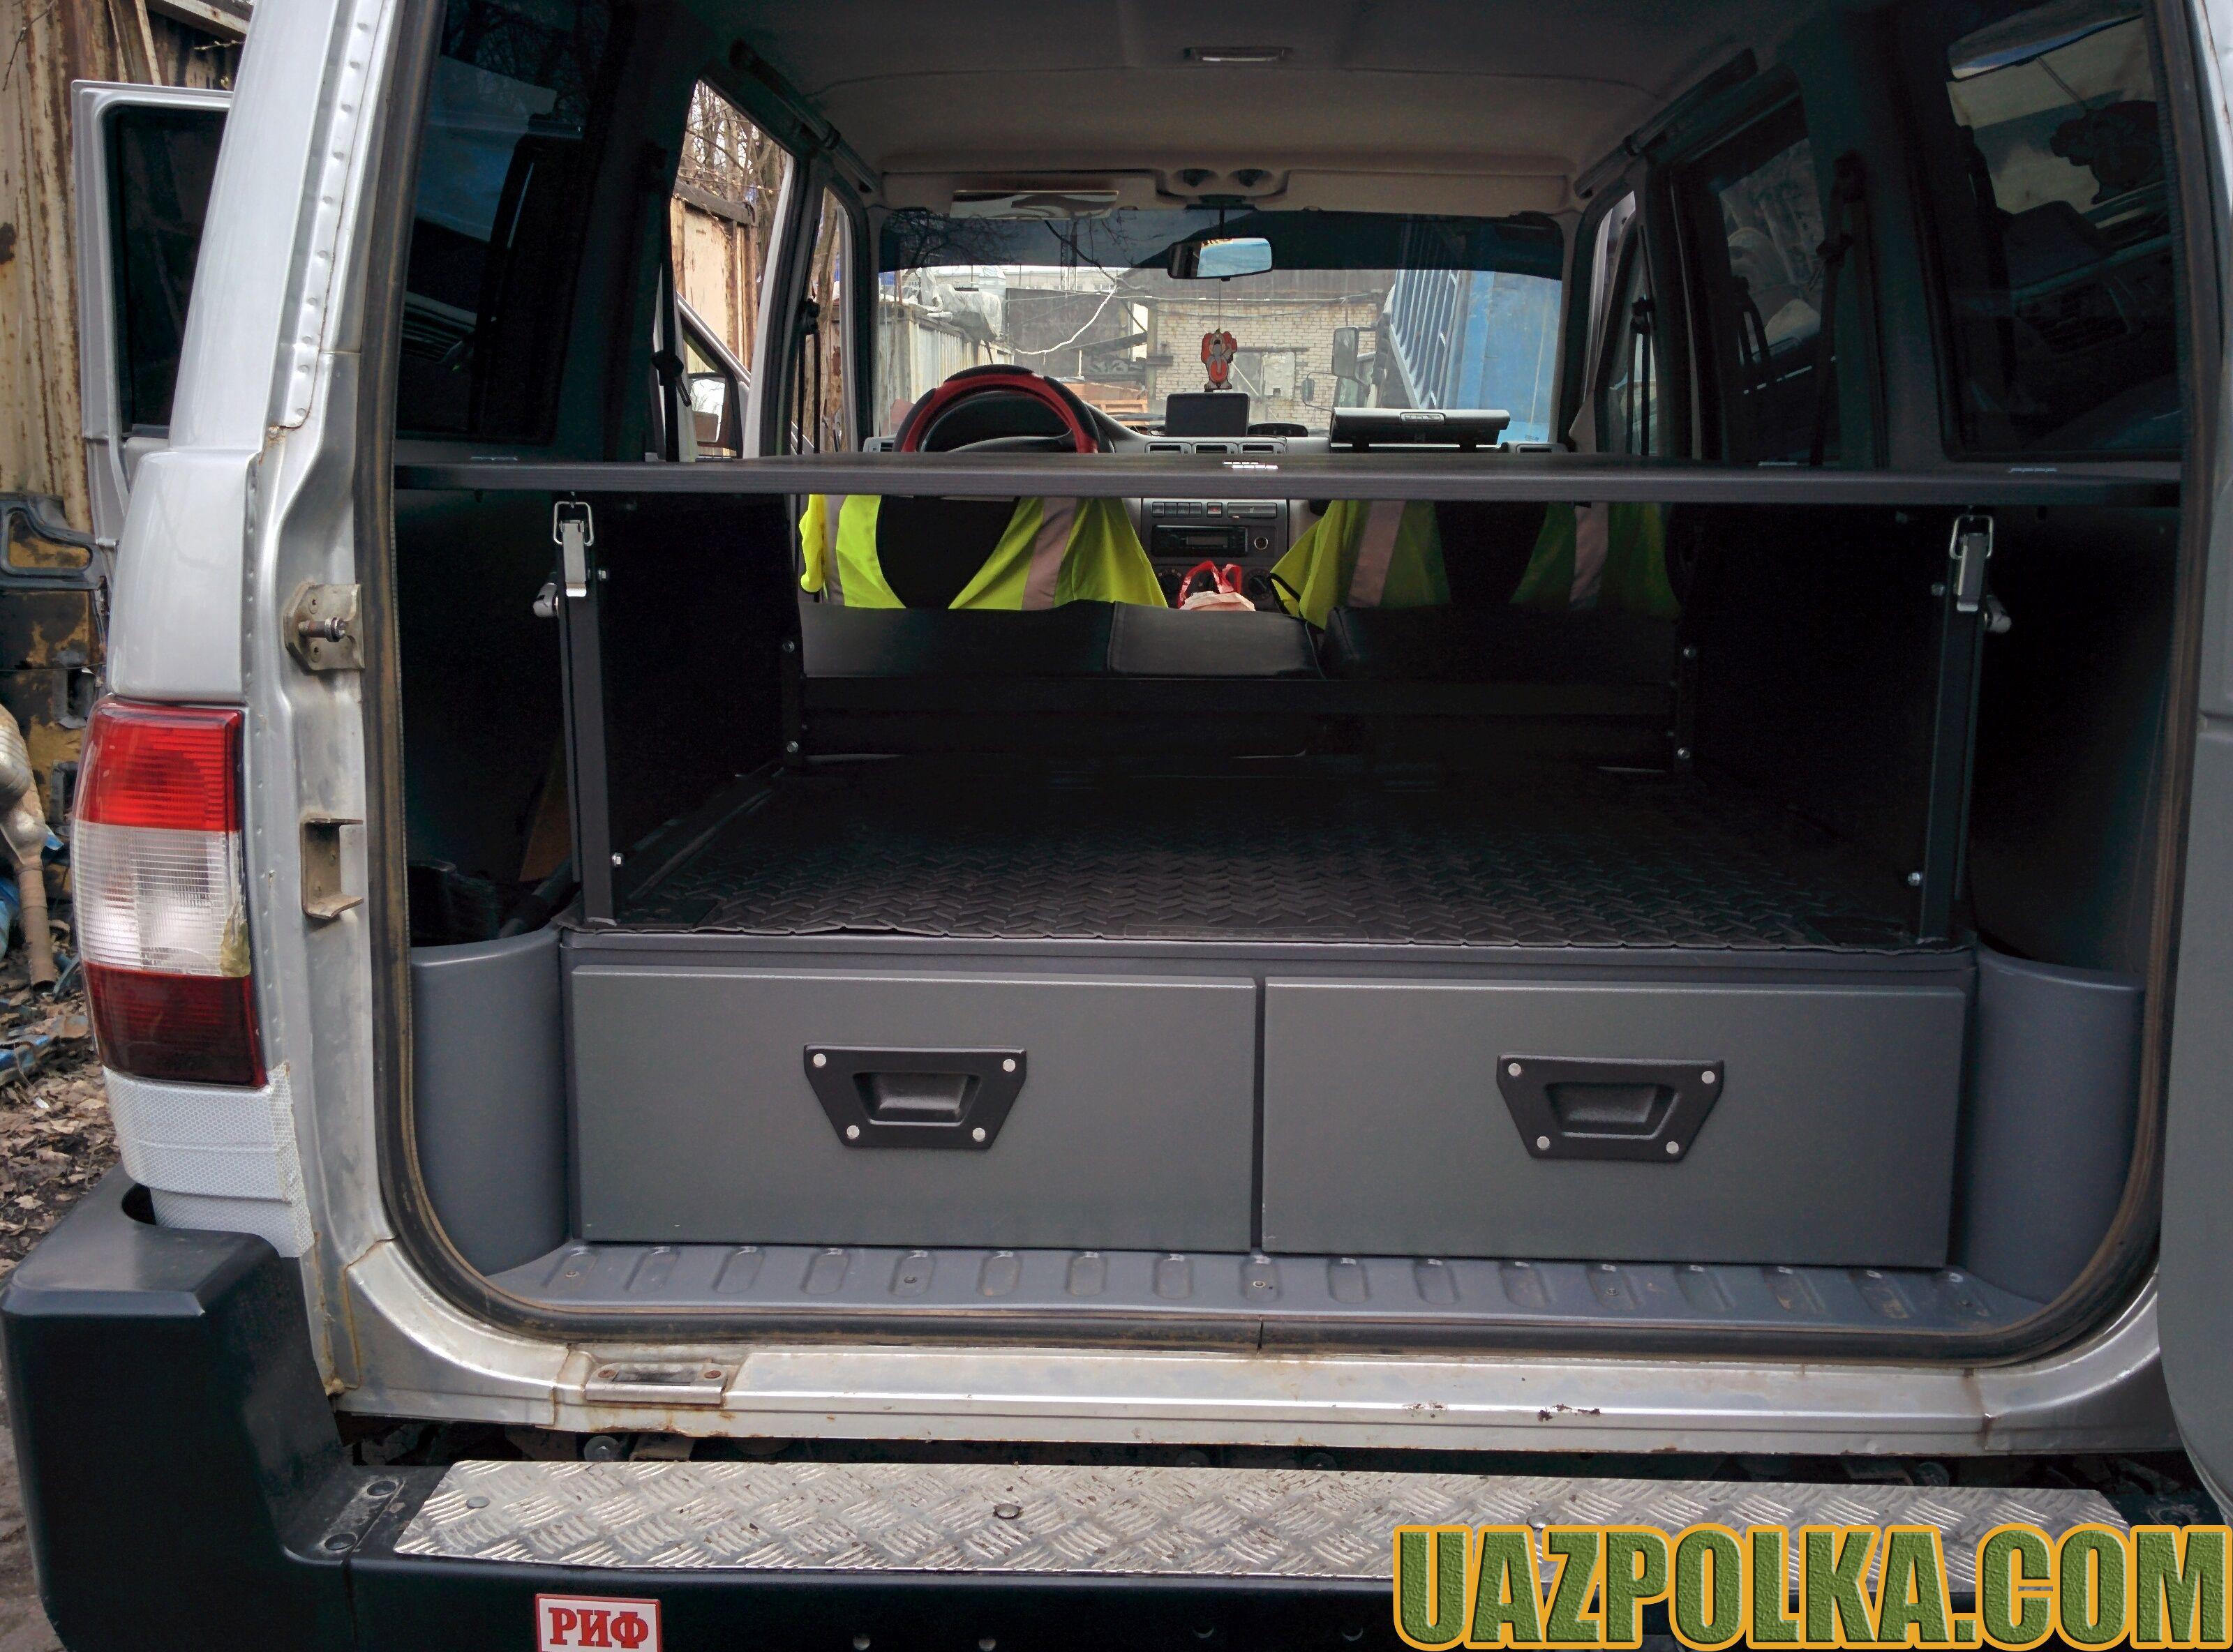 Полка Эконом New с лежанкой на ящиках стороннего производителя_03